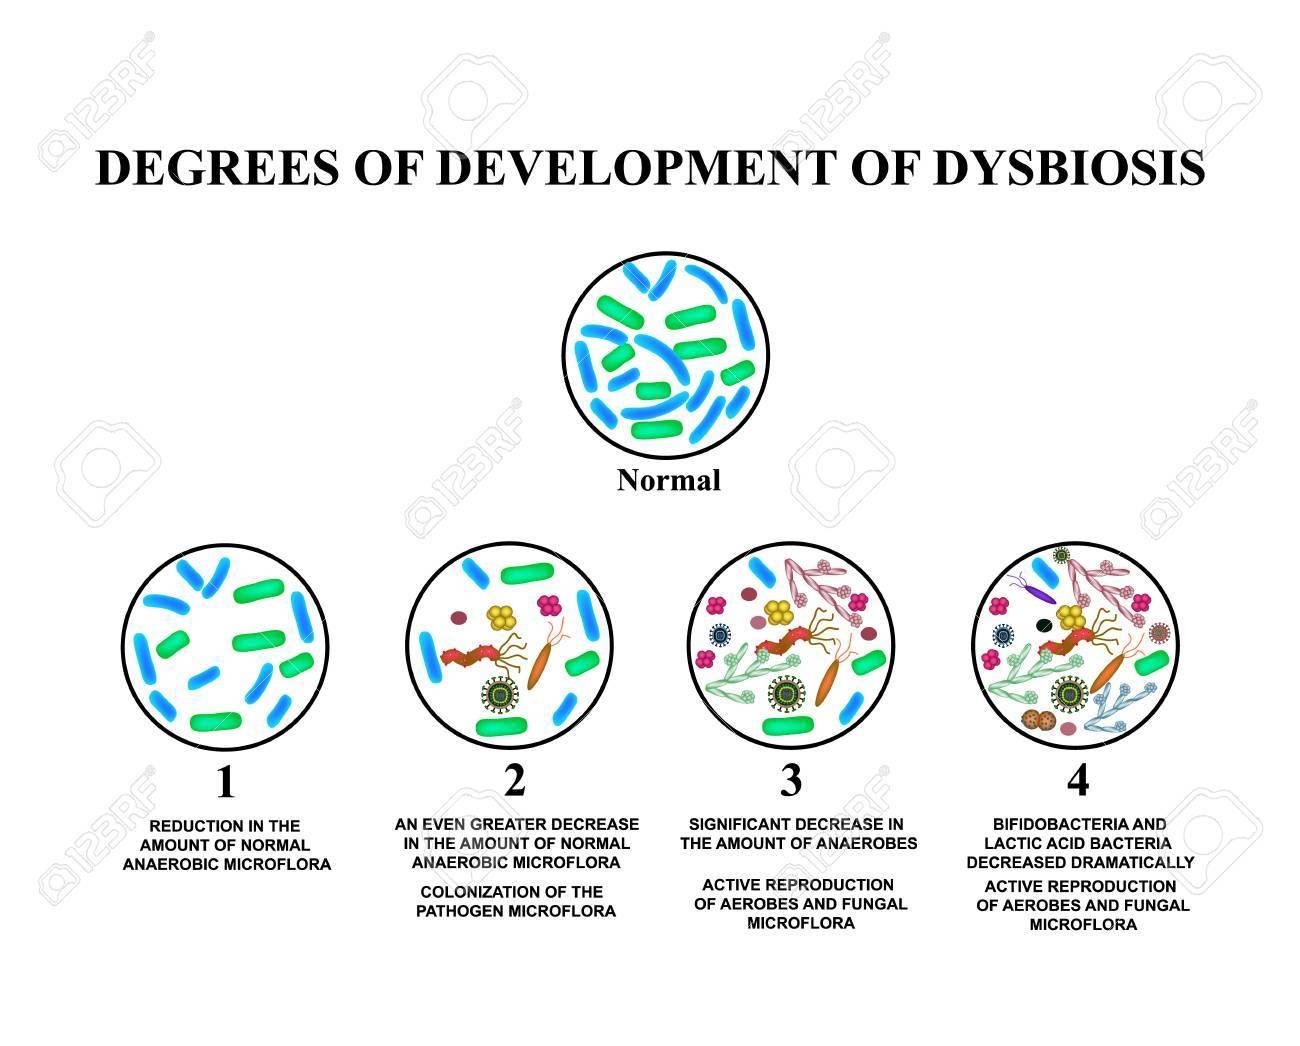 vastagbél dysbiosis